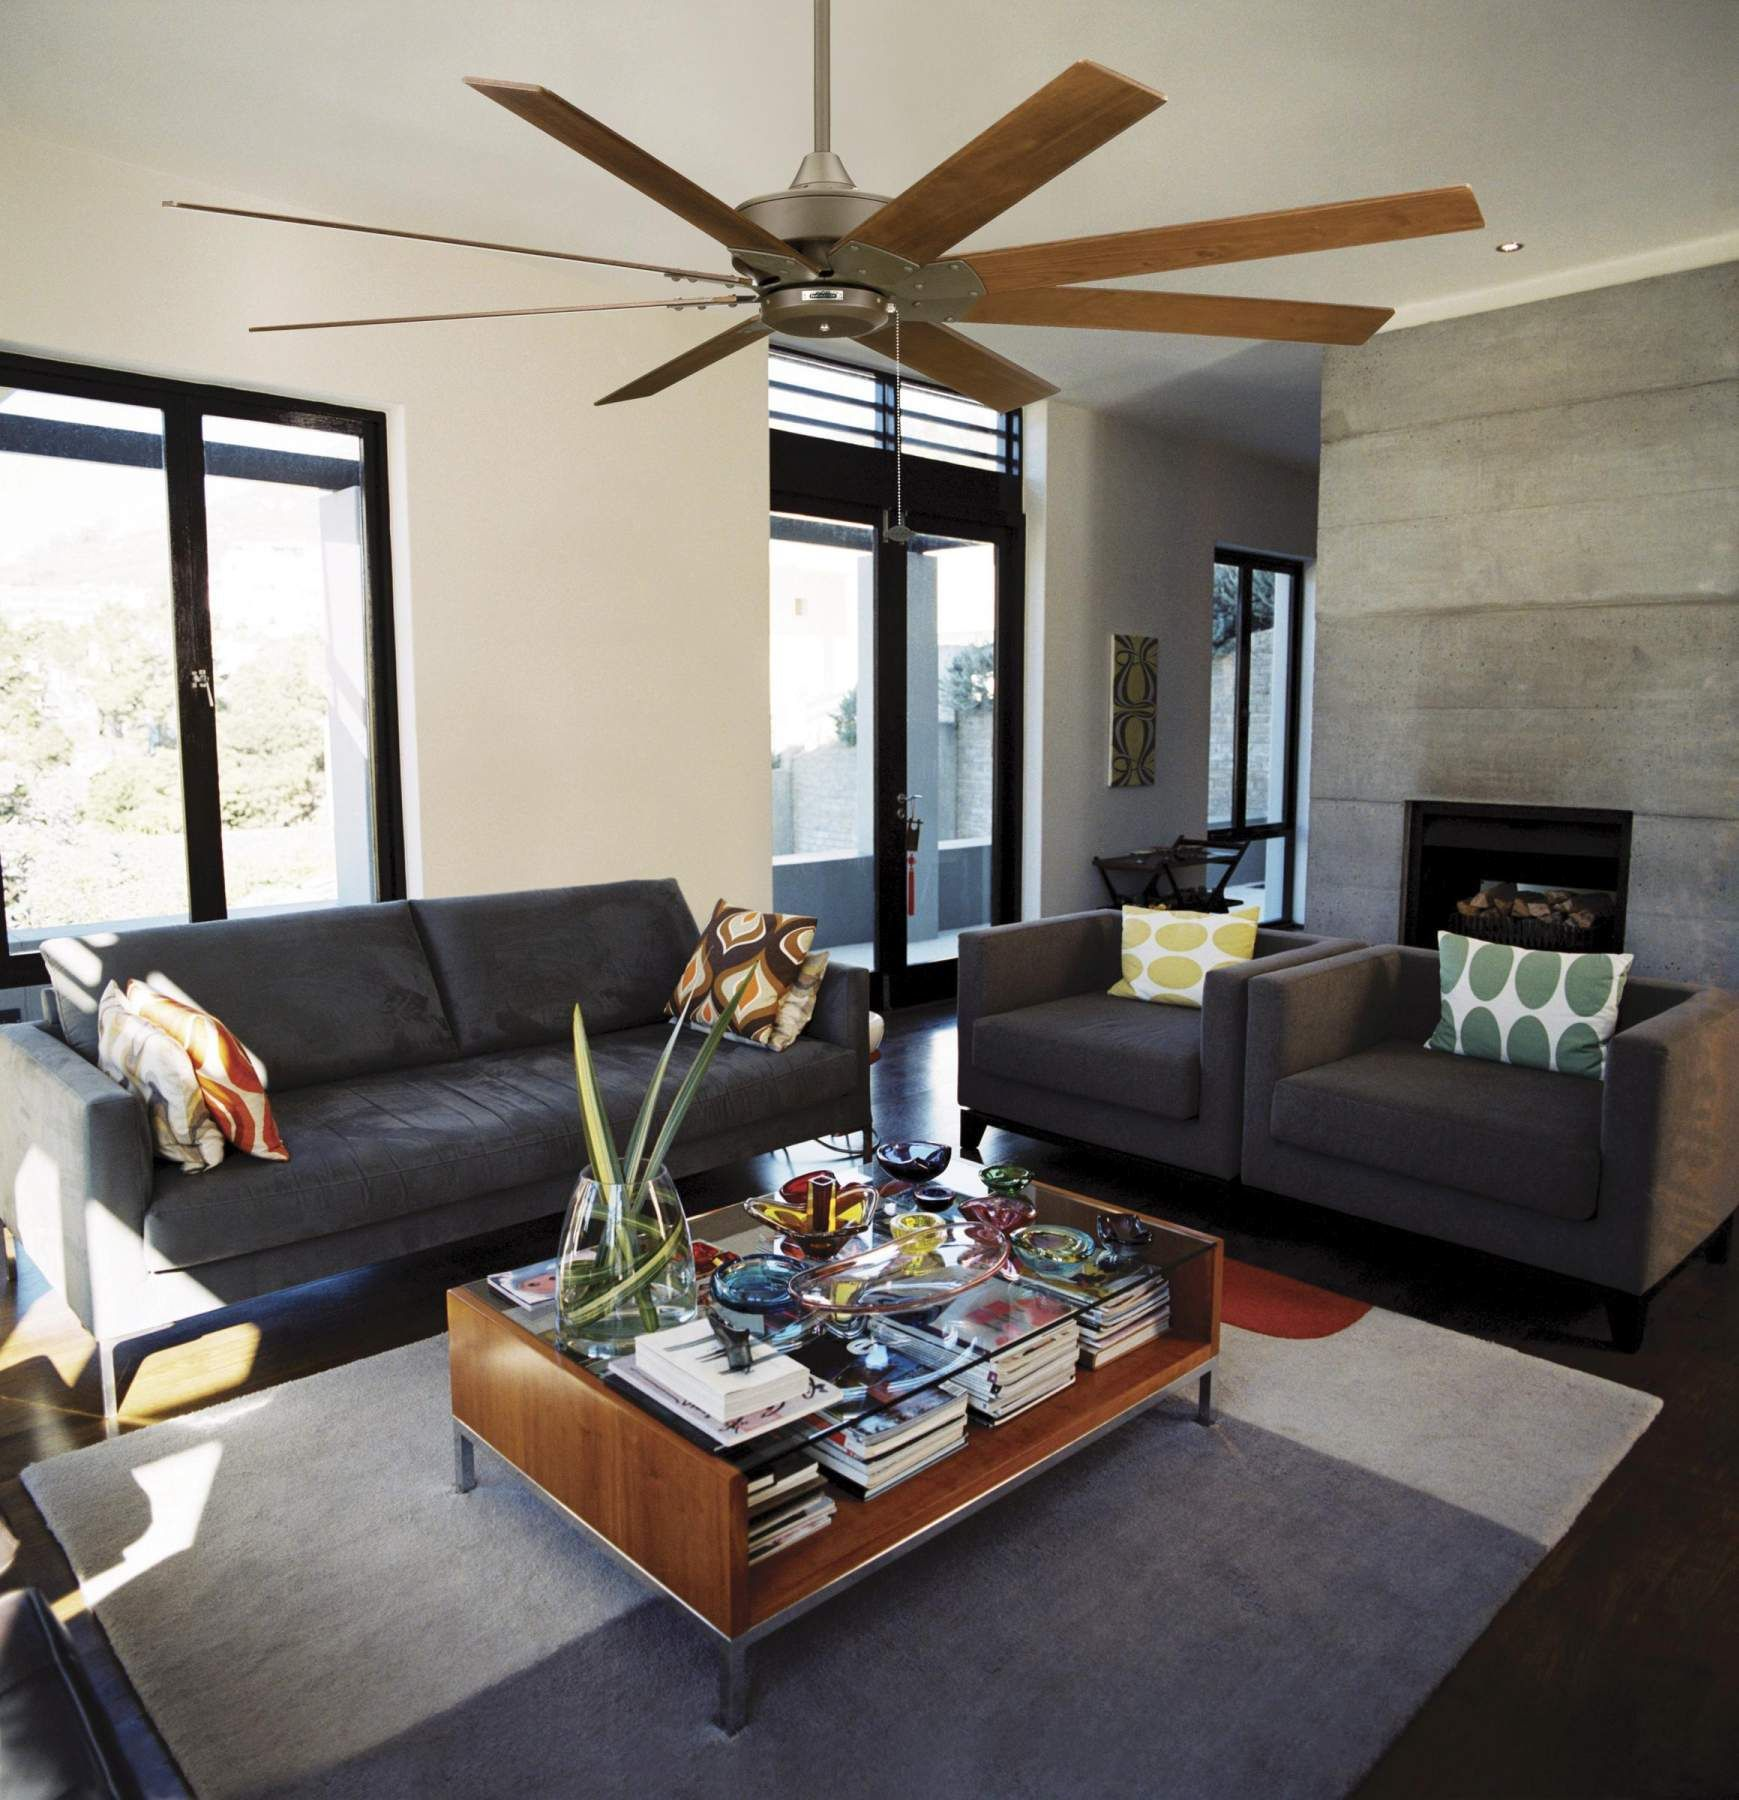 Kipas Angin The Levon Dari Fanimation Tidak Hanya Bergaya Tapi Juga Pintar Secara Ekonomis Dan Ram Tan Living Room Brown And Blue Living Room Living Room Grey